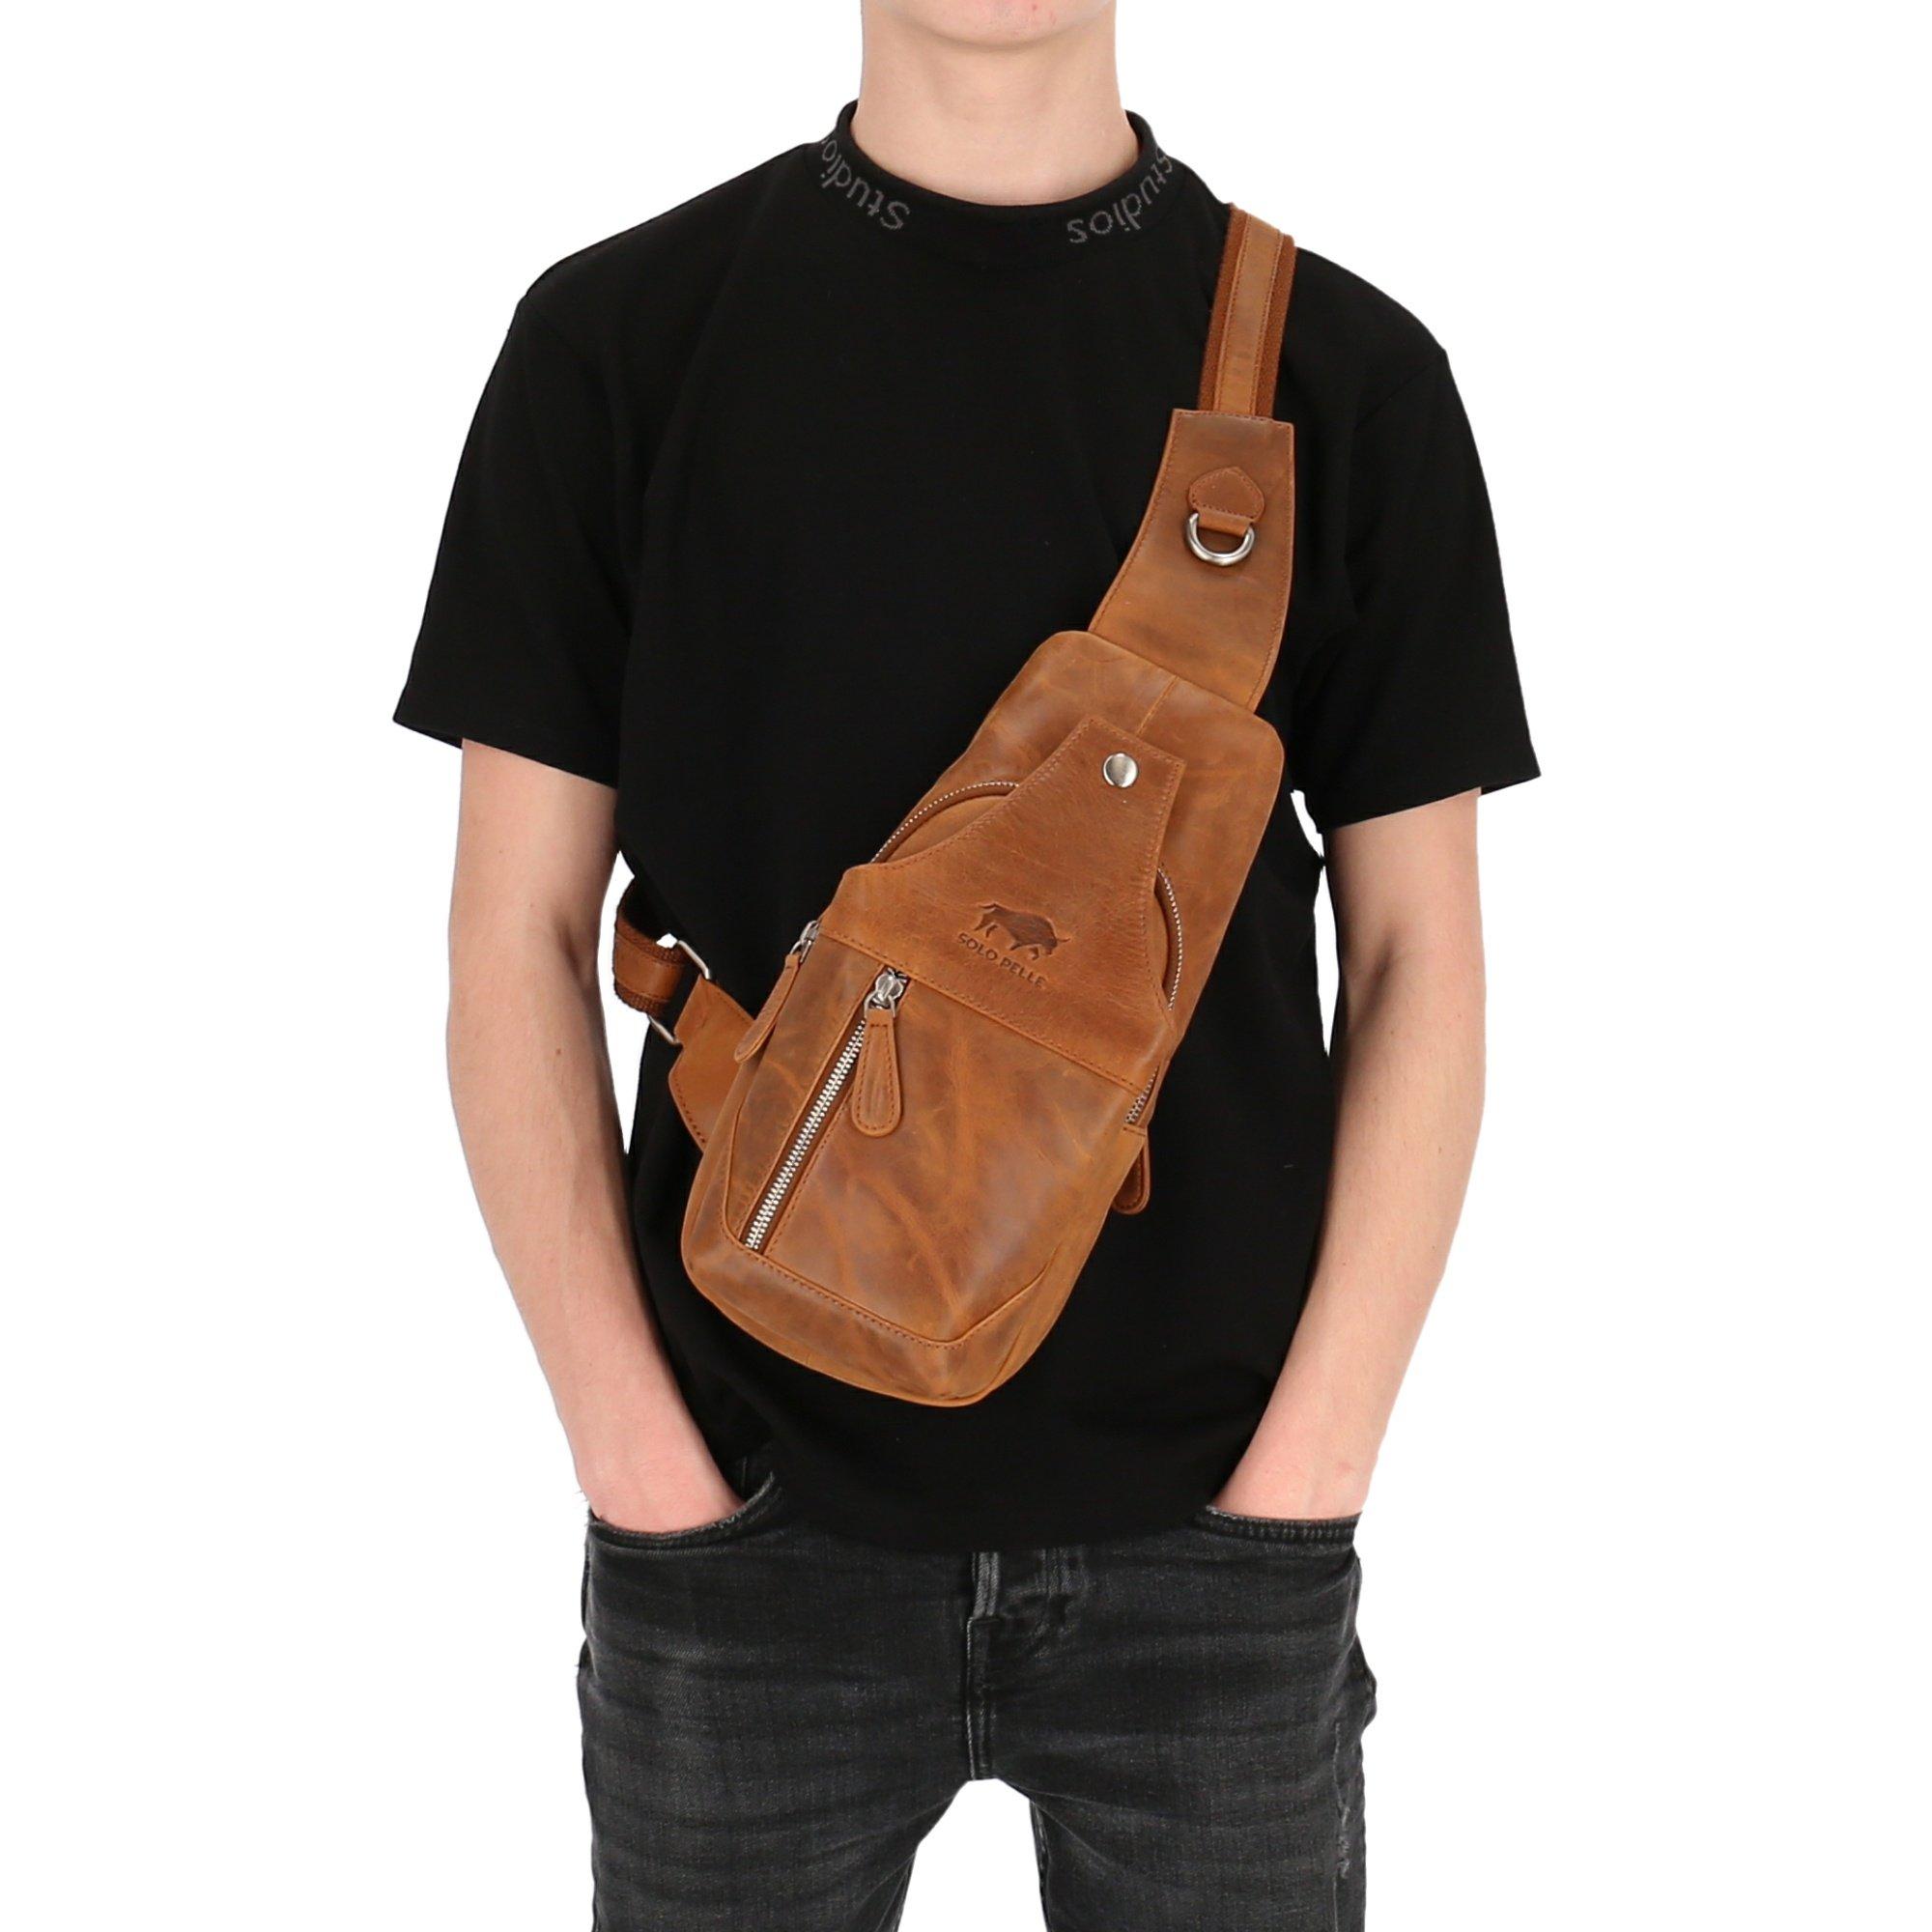 Solo Pelle Bodybag aus echtem Leder/Umhängetasche, Reisetasche Schultertasche Danny (Vintage Braun)